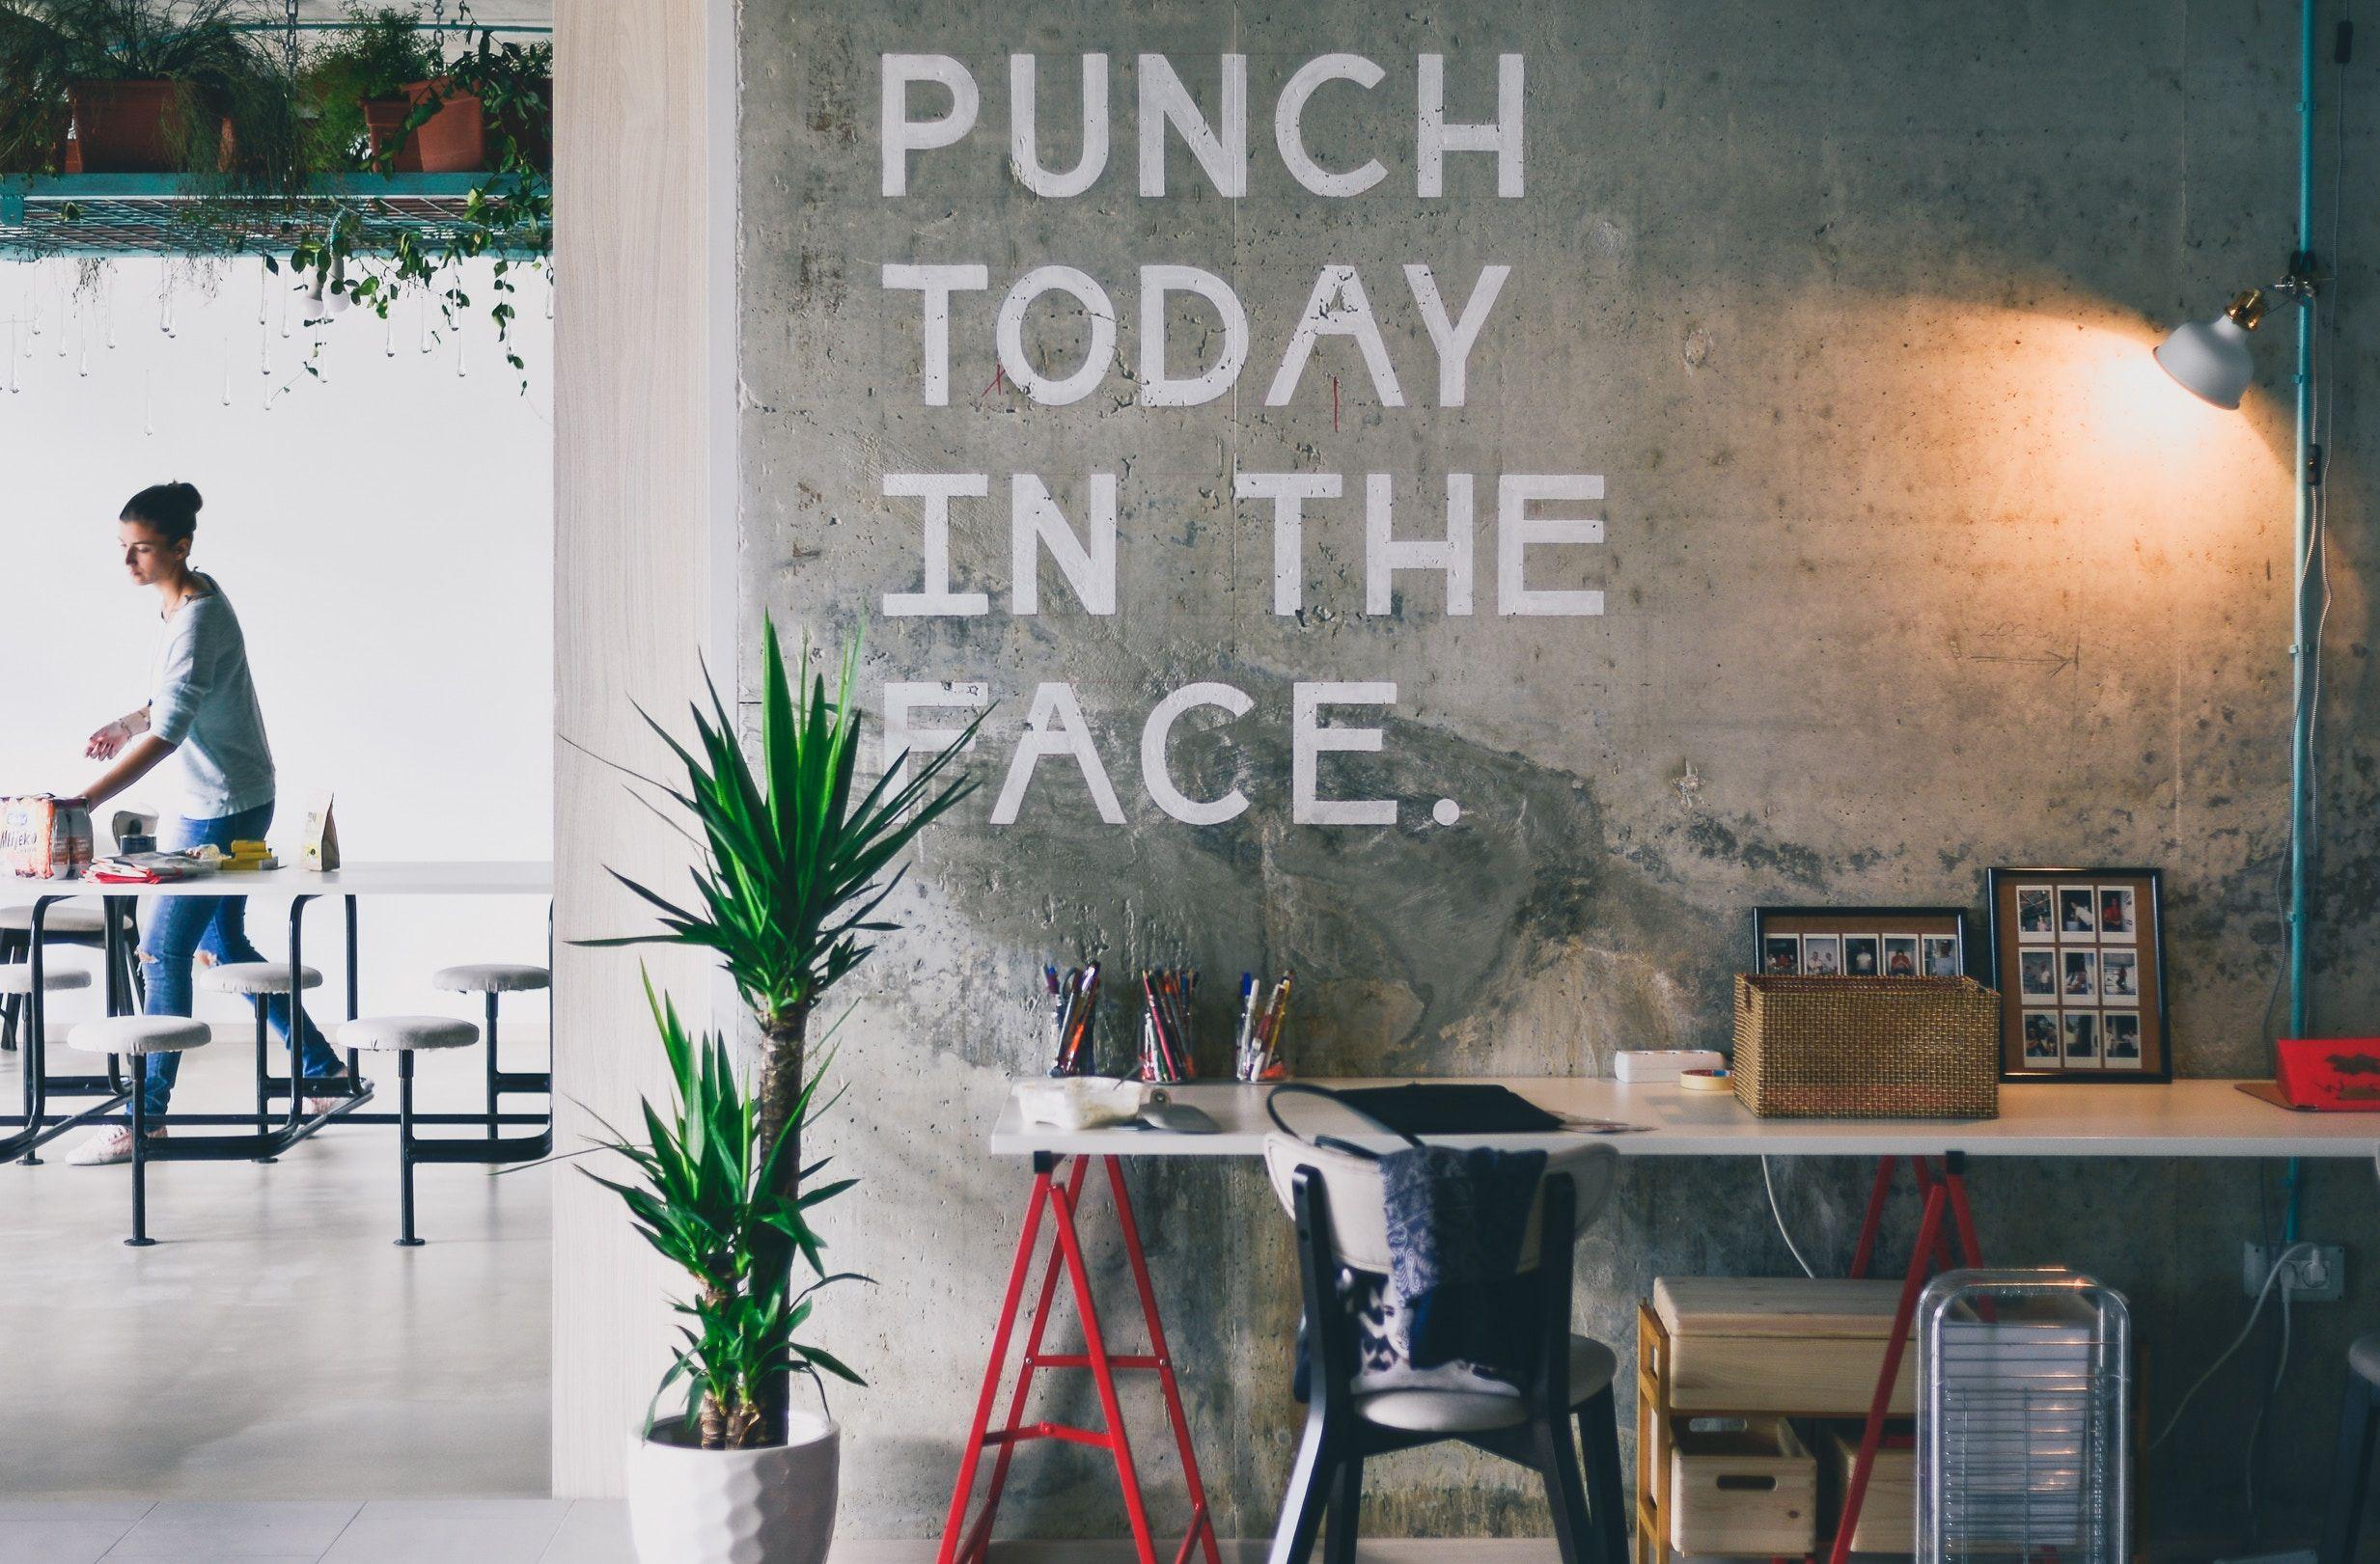 Een volledige metamorfose op je werkplek tot kleine aanpassingen